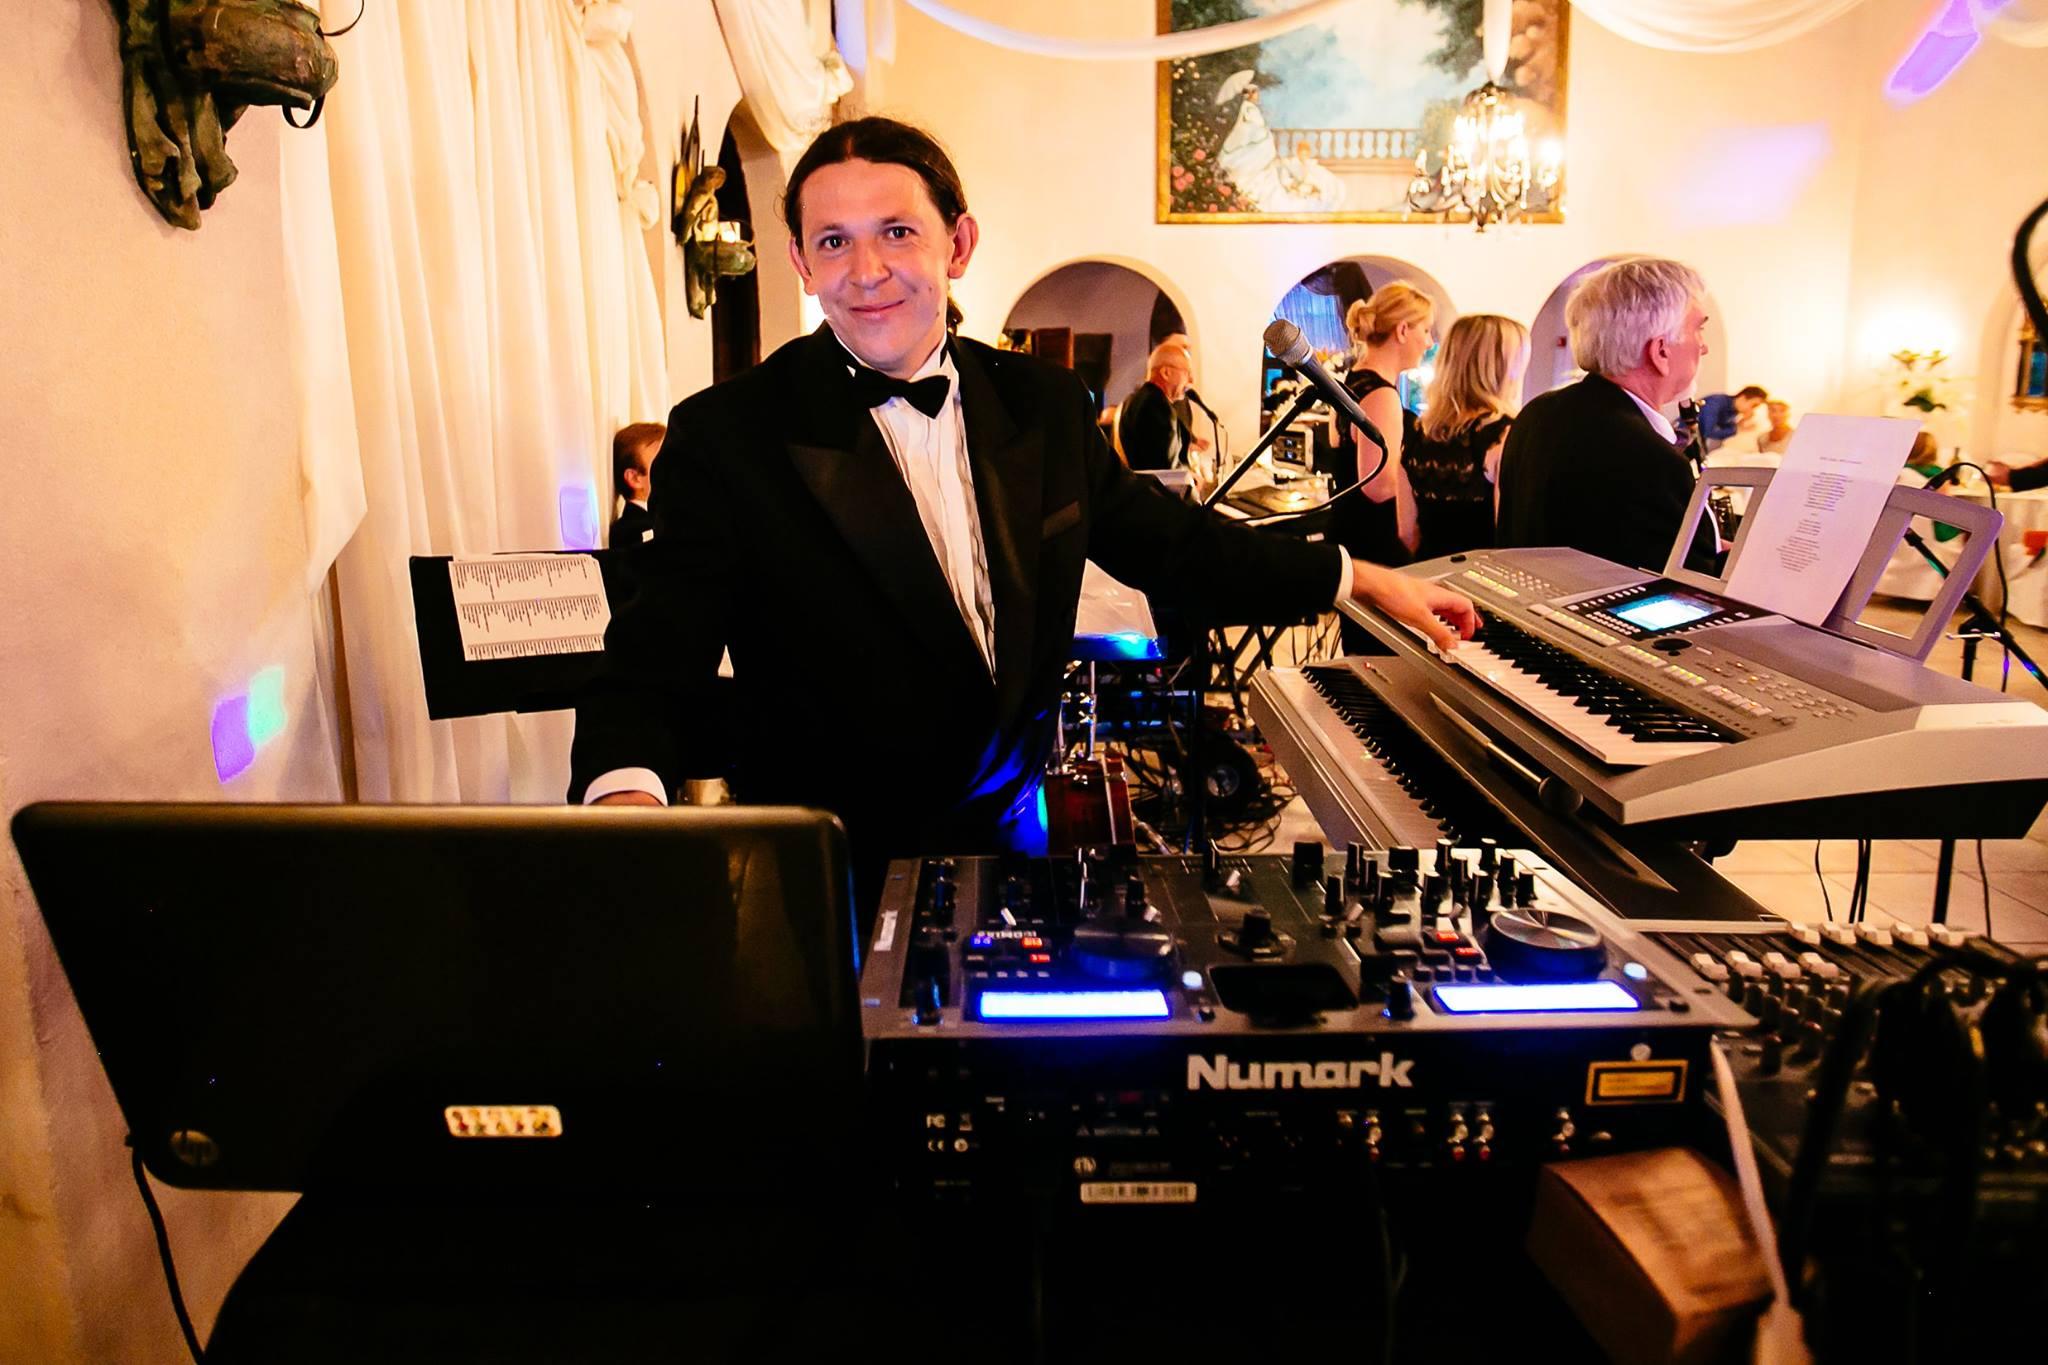 Polski DJ na polskie przyjęcie w NY, NJ, PA i CT - DJ Halat